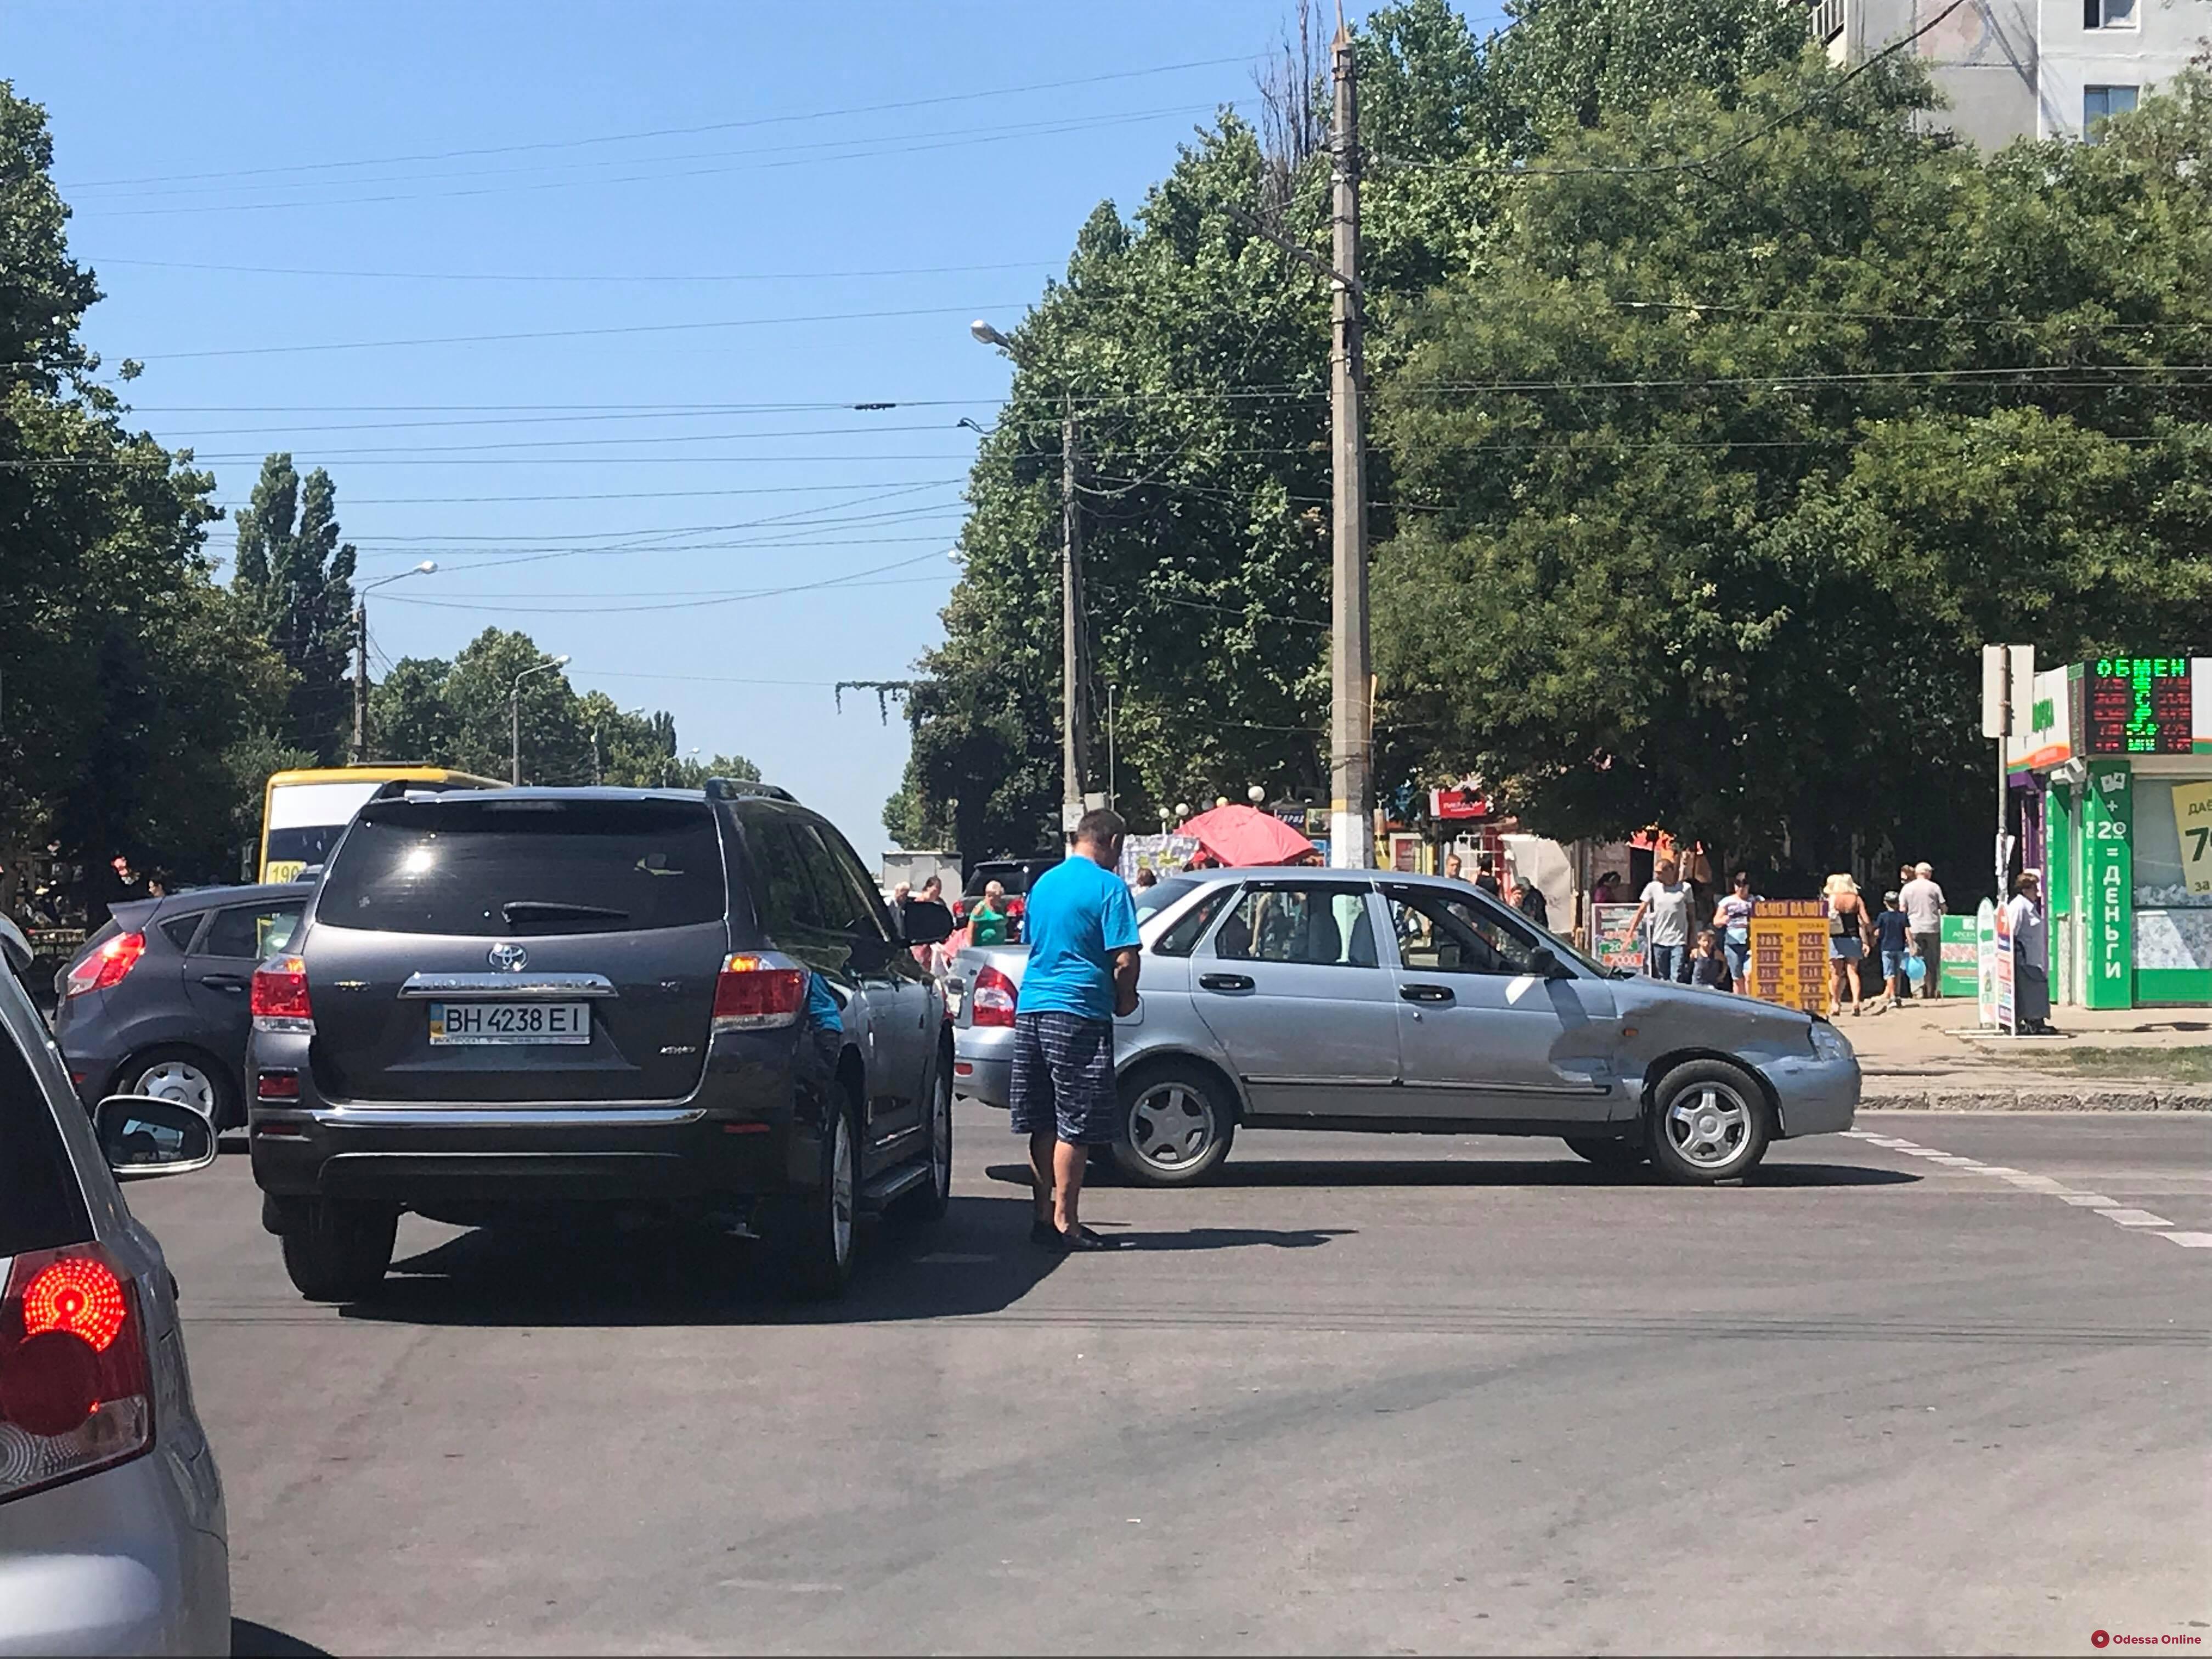 Из-за ДТП на поселке Котовского образовалась огромная пробка